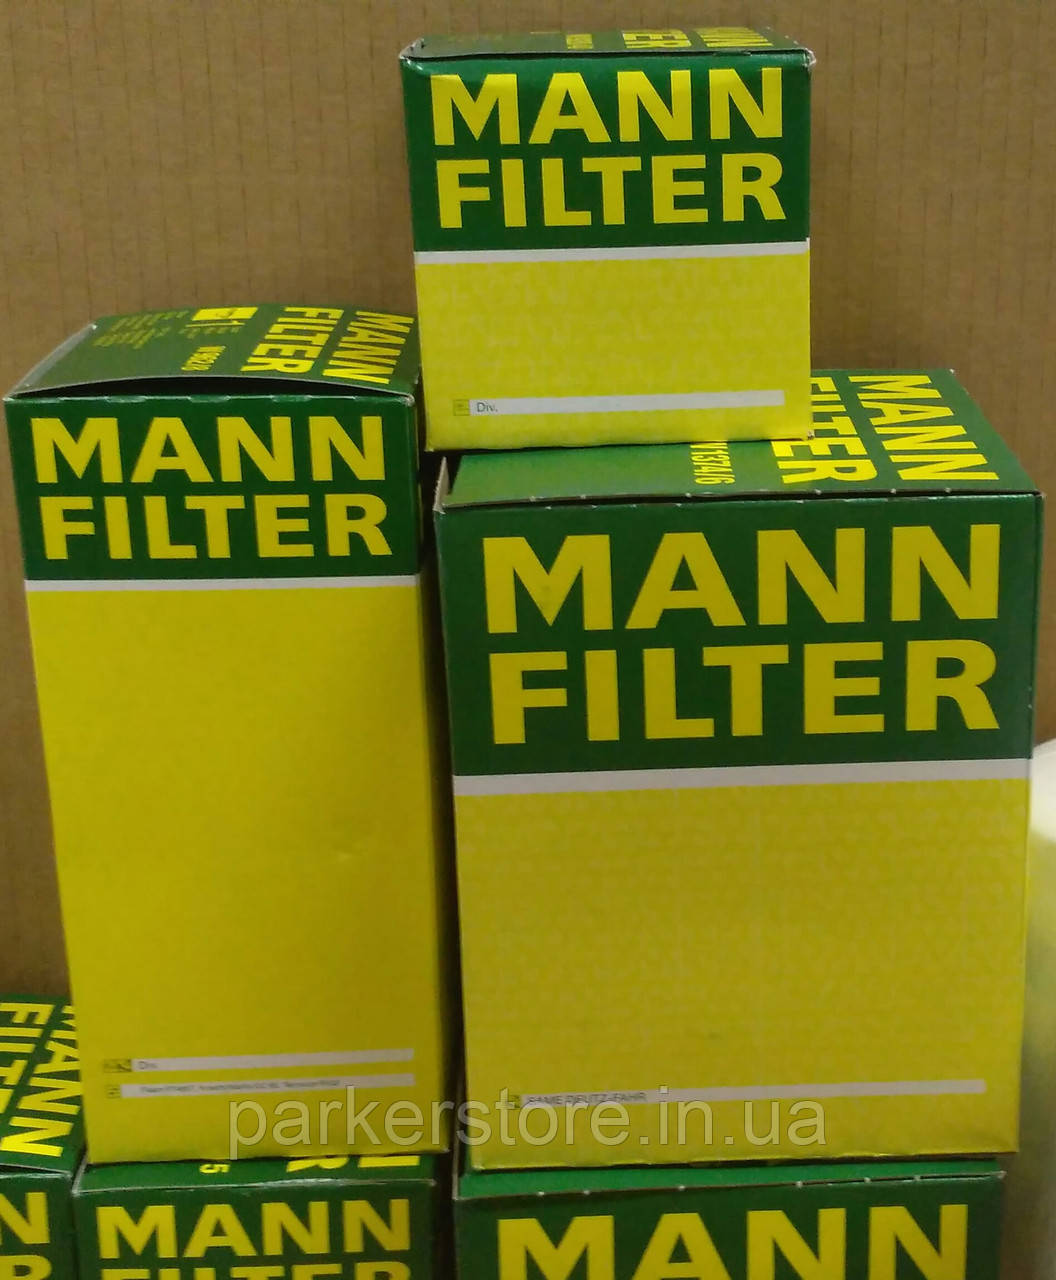 MANN FILTER / Воздушный фильтр / C 28 848 / C28848